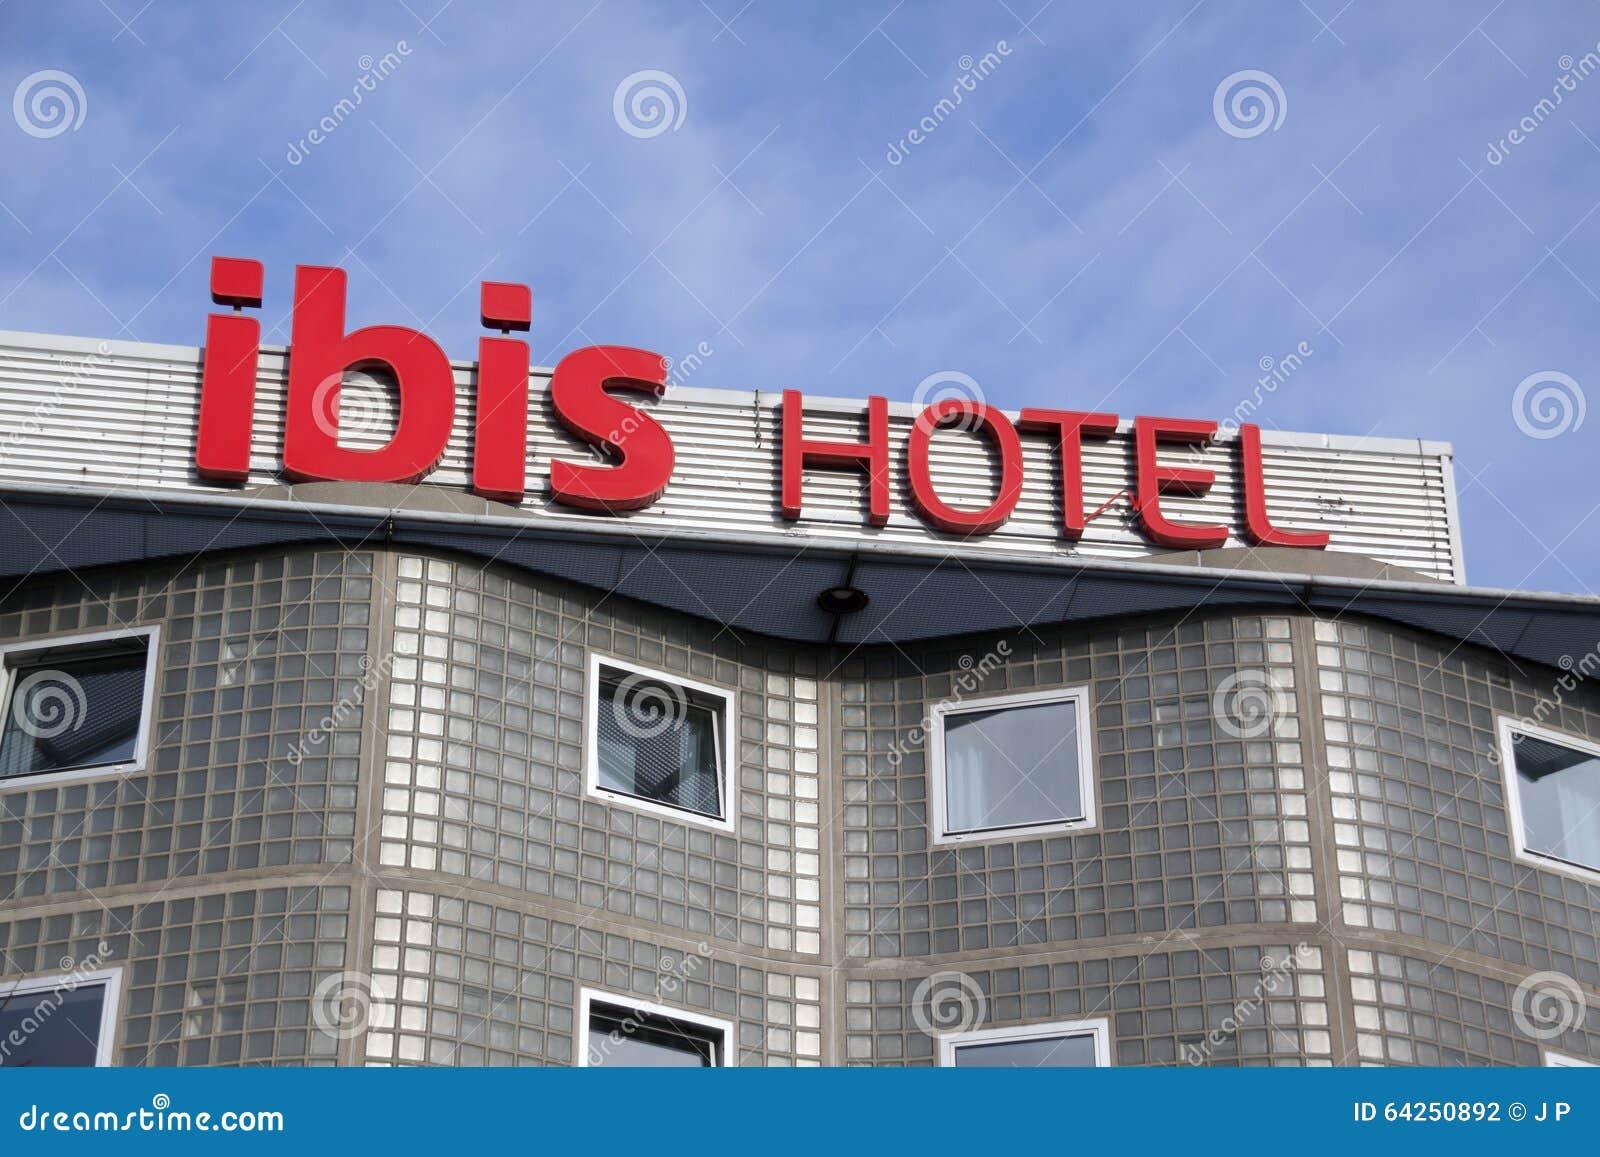 Ibis Hotel Netherlands Amsterdam